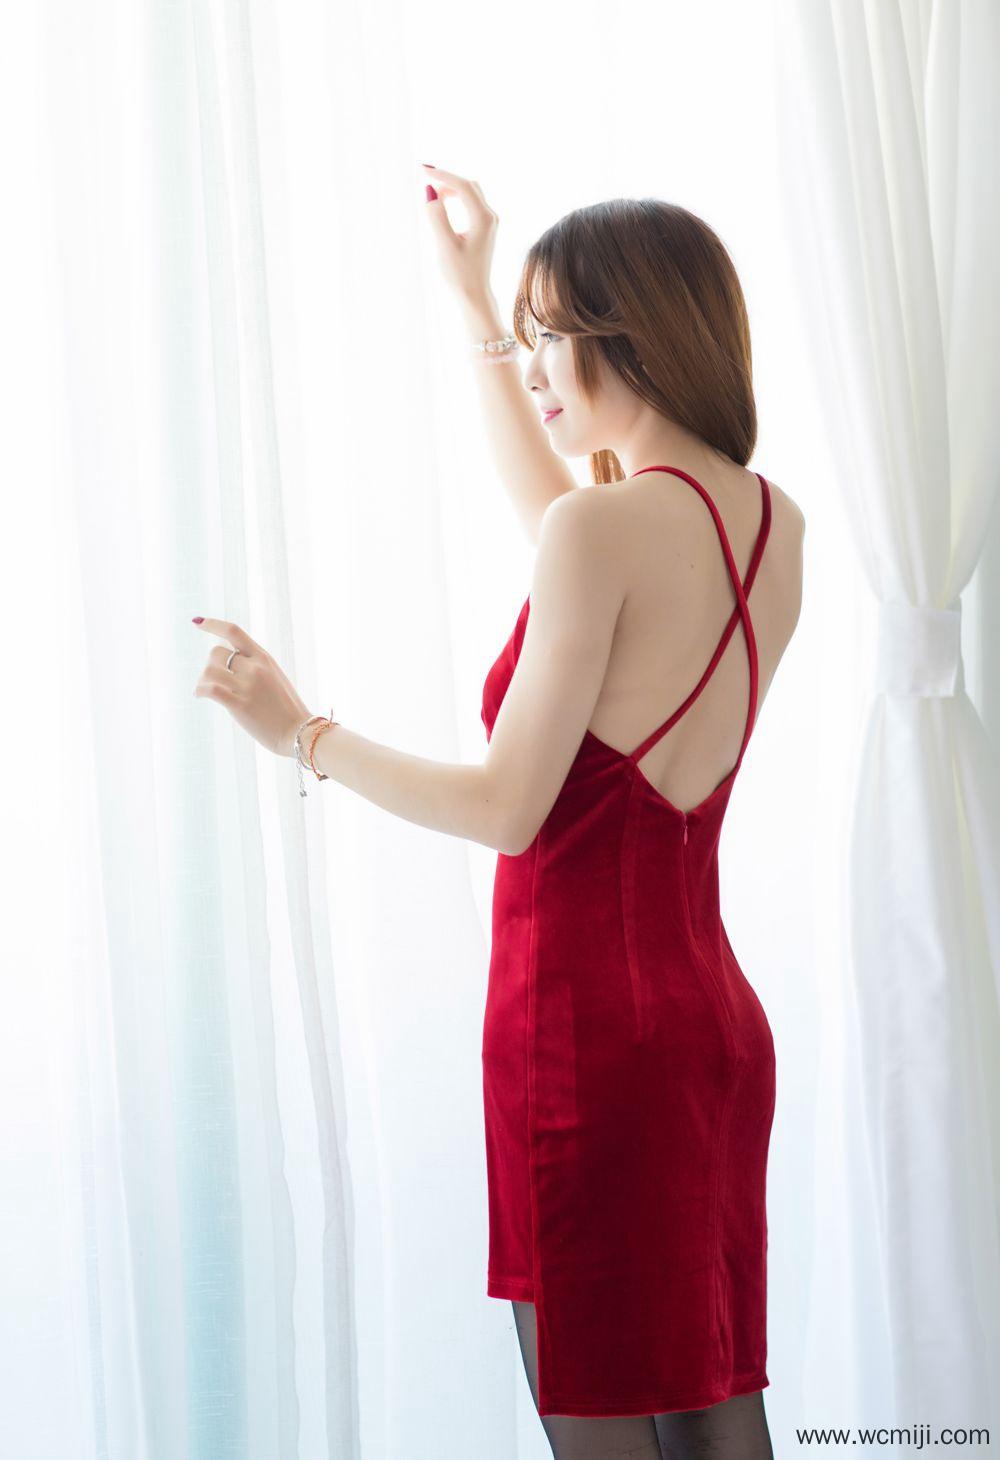 【个人写真】【女神】娇艳丰满女神成熟人体圆润美臀勾人艺术套图【32P】 性感内衣